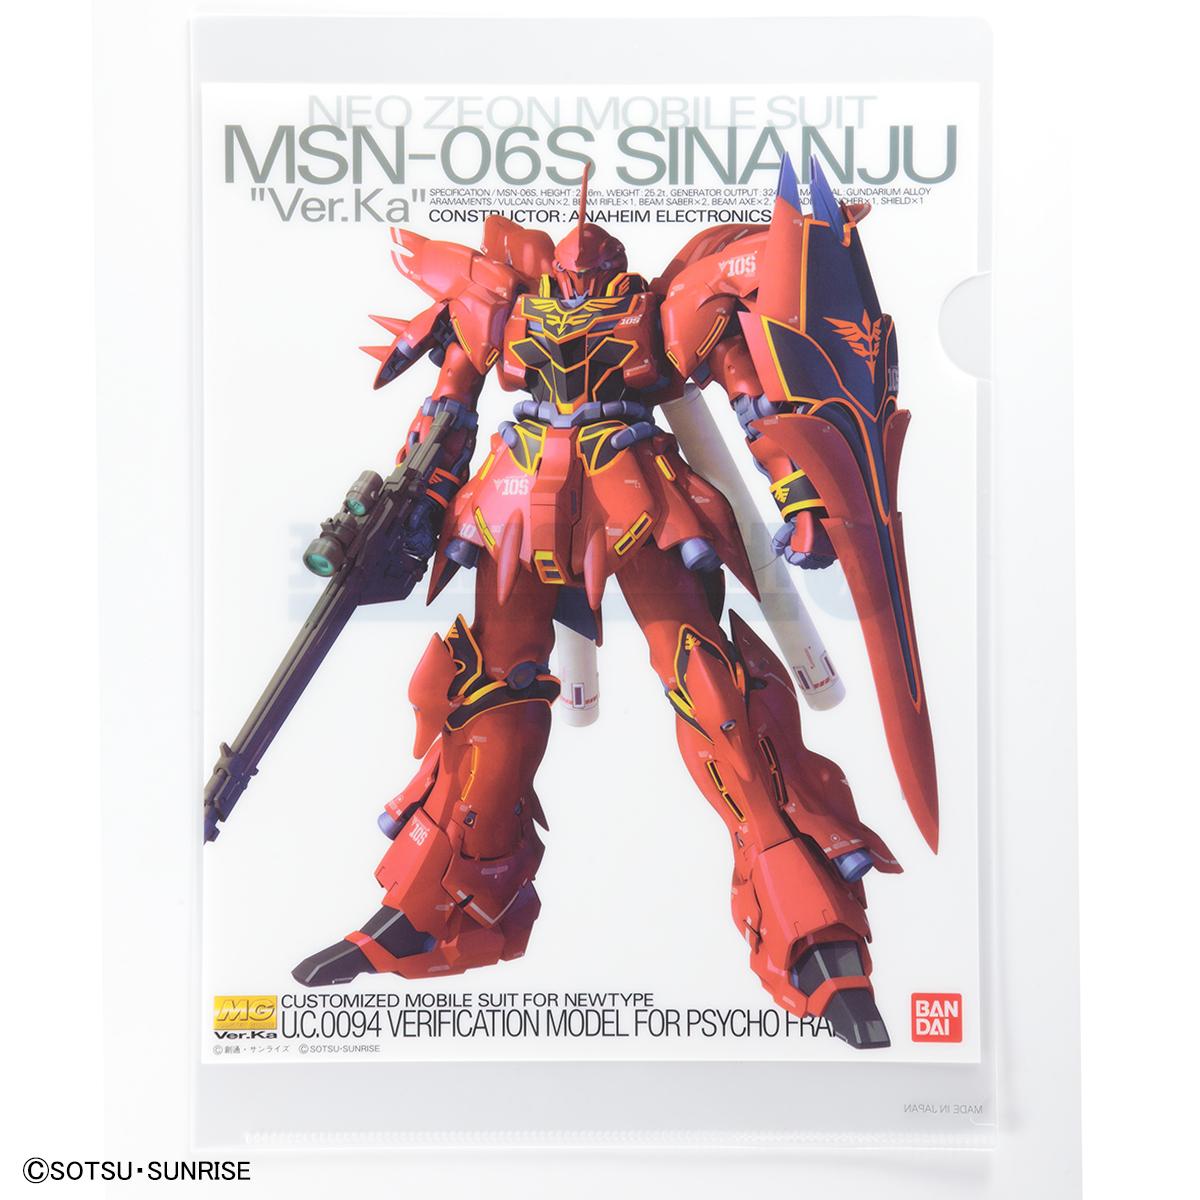 THE GUNDAM BASE クリアファイル ユニコーンガンダム・シナンジュ 商品画像